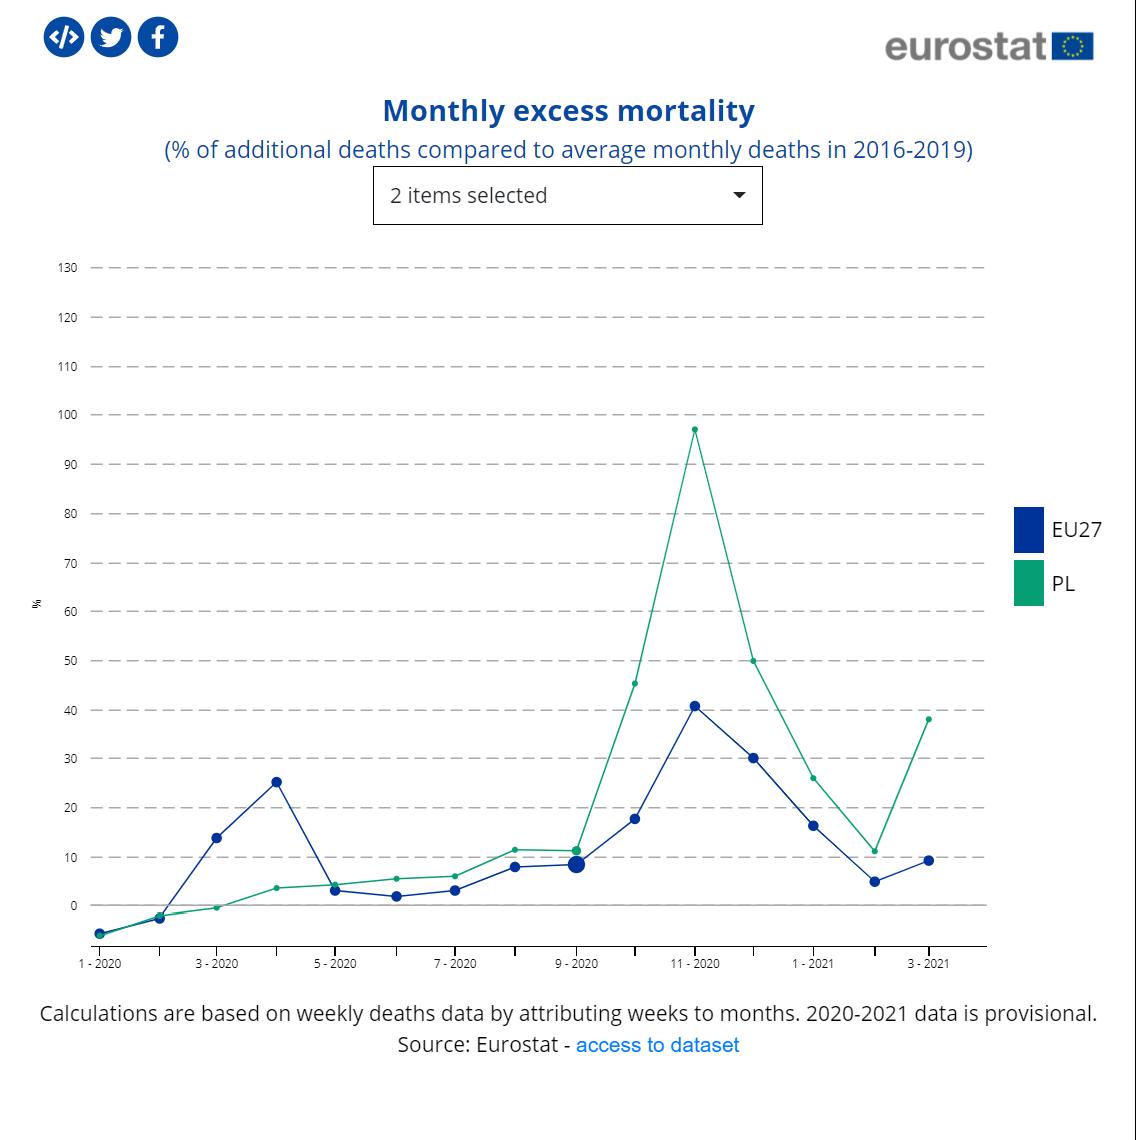 Dynamika nadmiarowych zgonów w Polsce i w Unii Europejskiej od stycznia 2020 do marca 2021 roku